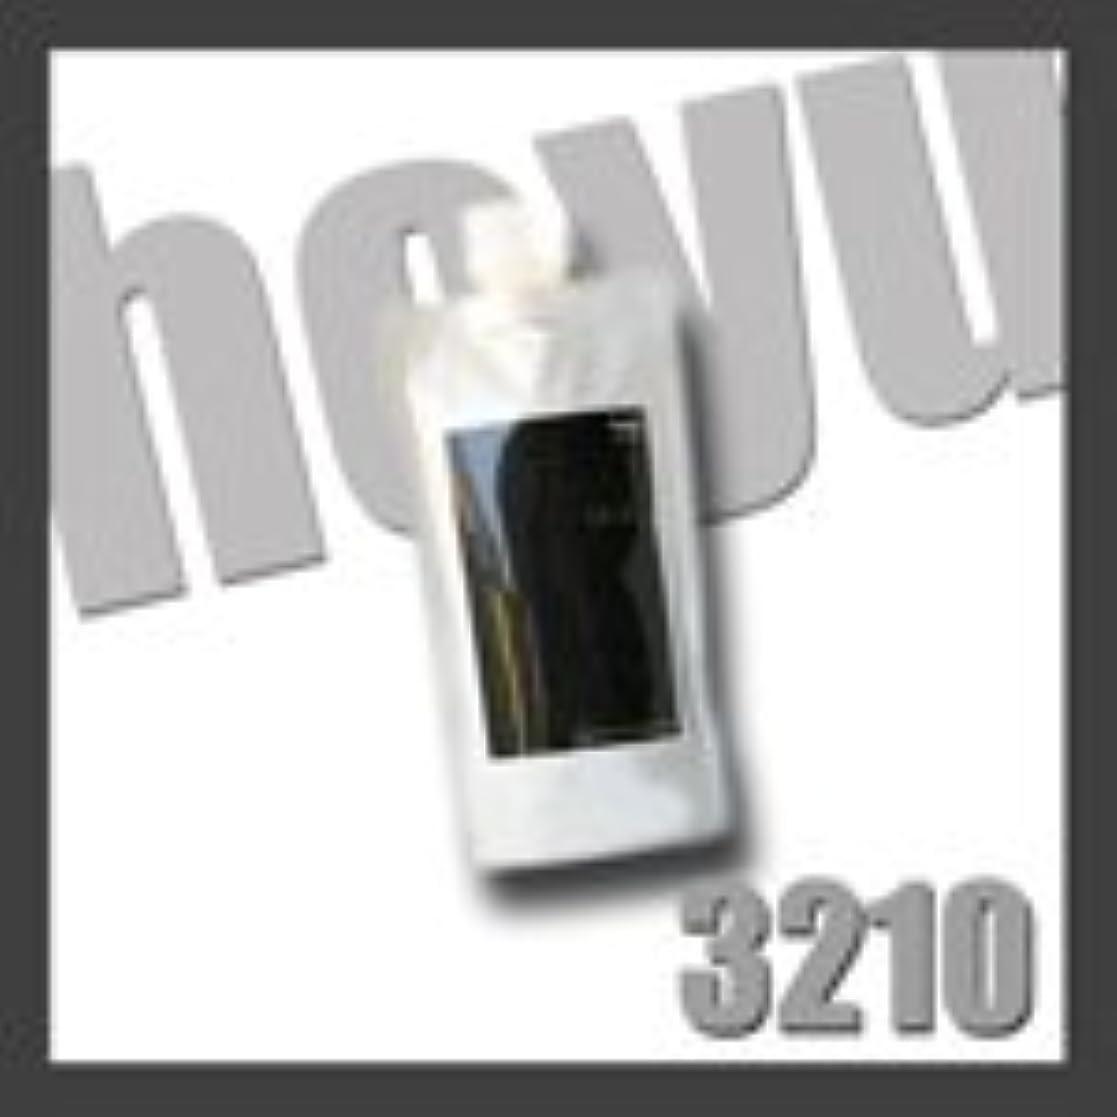 モート開業医このHOYU ホーユー 3210 ミニーレ ウルトラハード ワックス レフィル 200g 詰替用 フィニッシュワークシリーズ